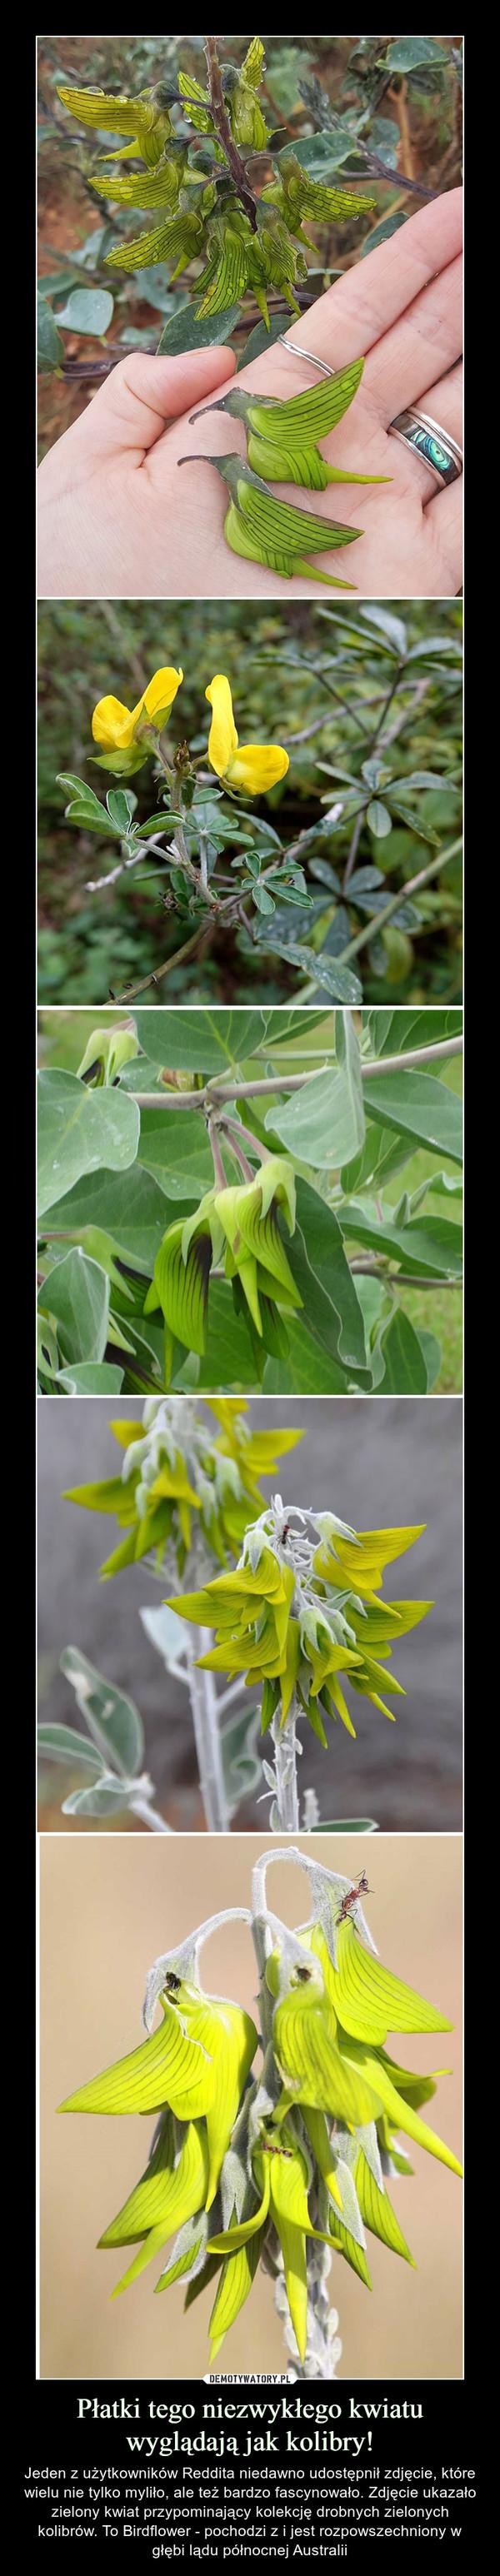 Płatki tego niezwykłego kwiatu wyglądają jak kolibry! – Jeden z użytkowników Reddita niedawno udostępnił zdjęcie, które wielu nie tylko myliło, ale też bardzo fascynowało. Zdjęcie ukazało zielony kwiat przypominający kolekcję drobnych zielonych kolibrów. To Birdflower - pochodzi z i jest rozpowszechniony w głębi lądu północnej Australii